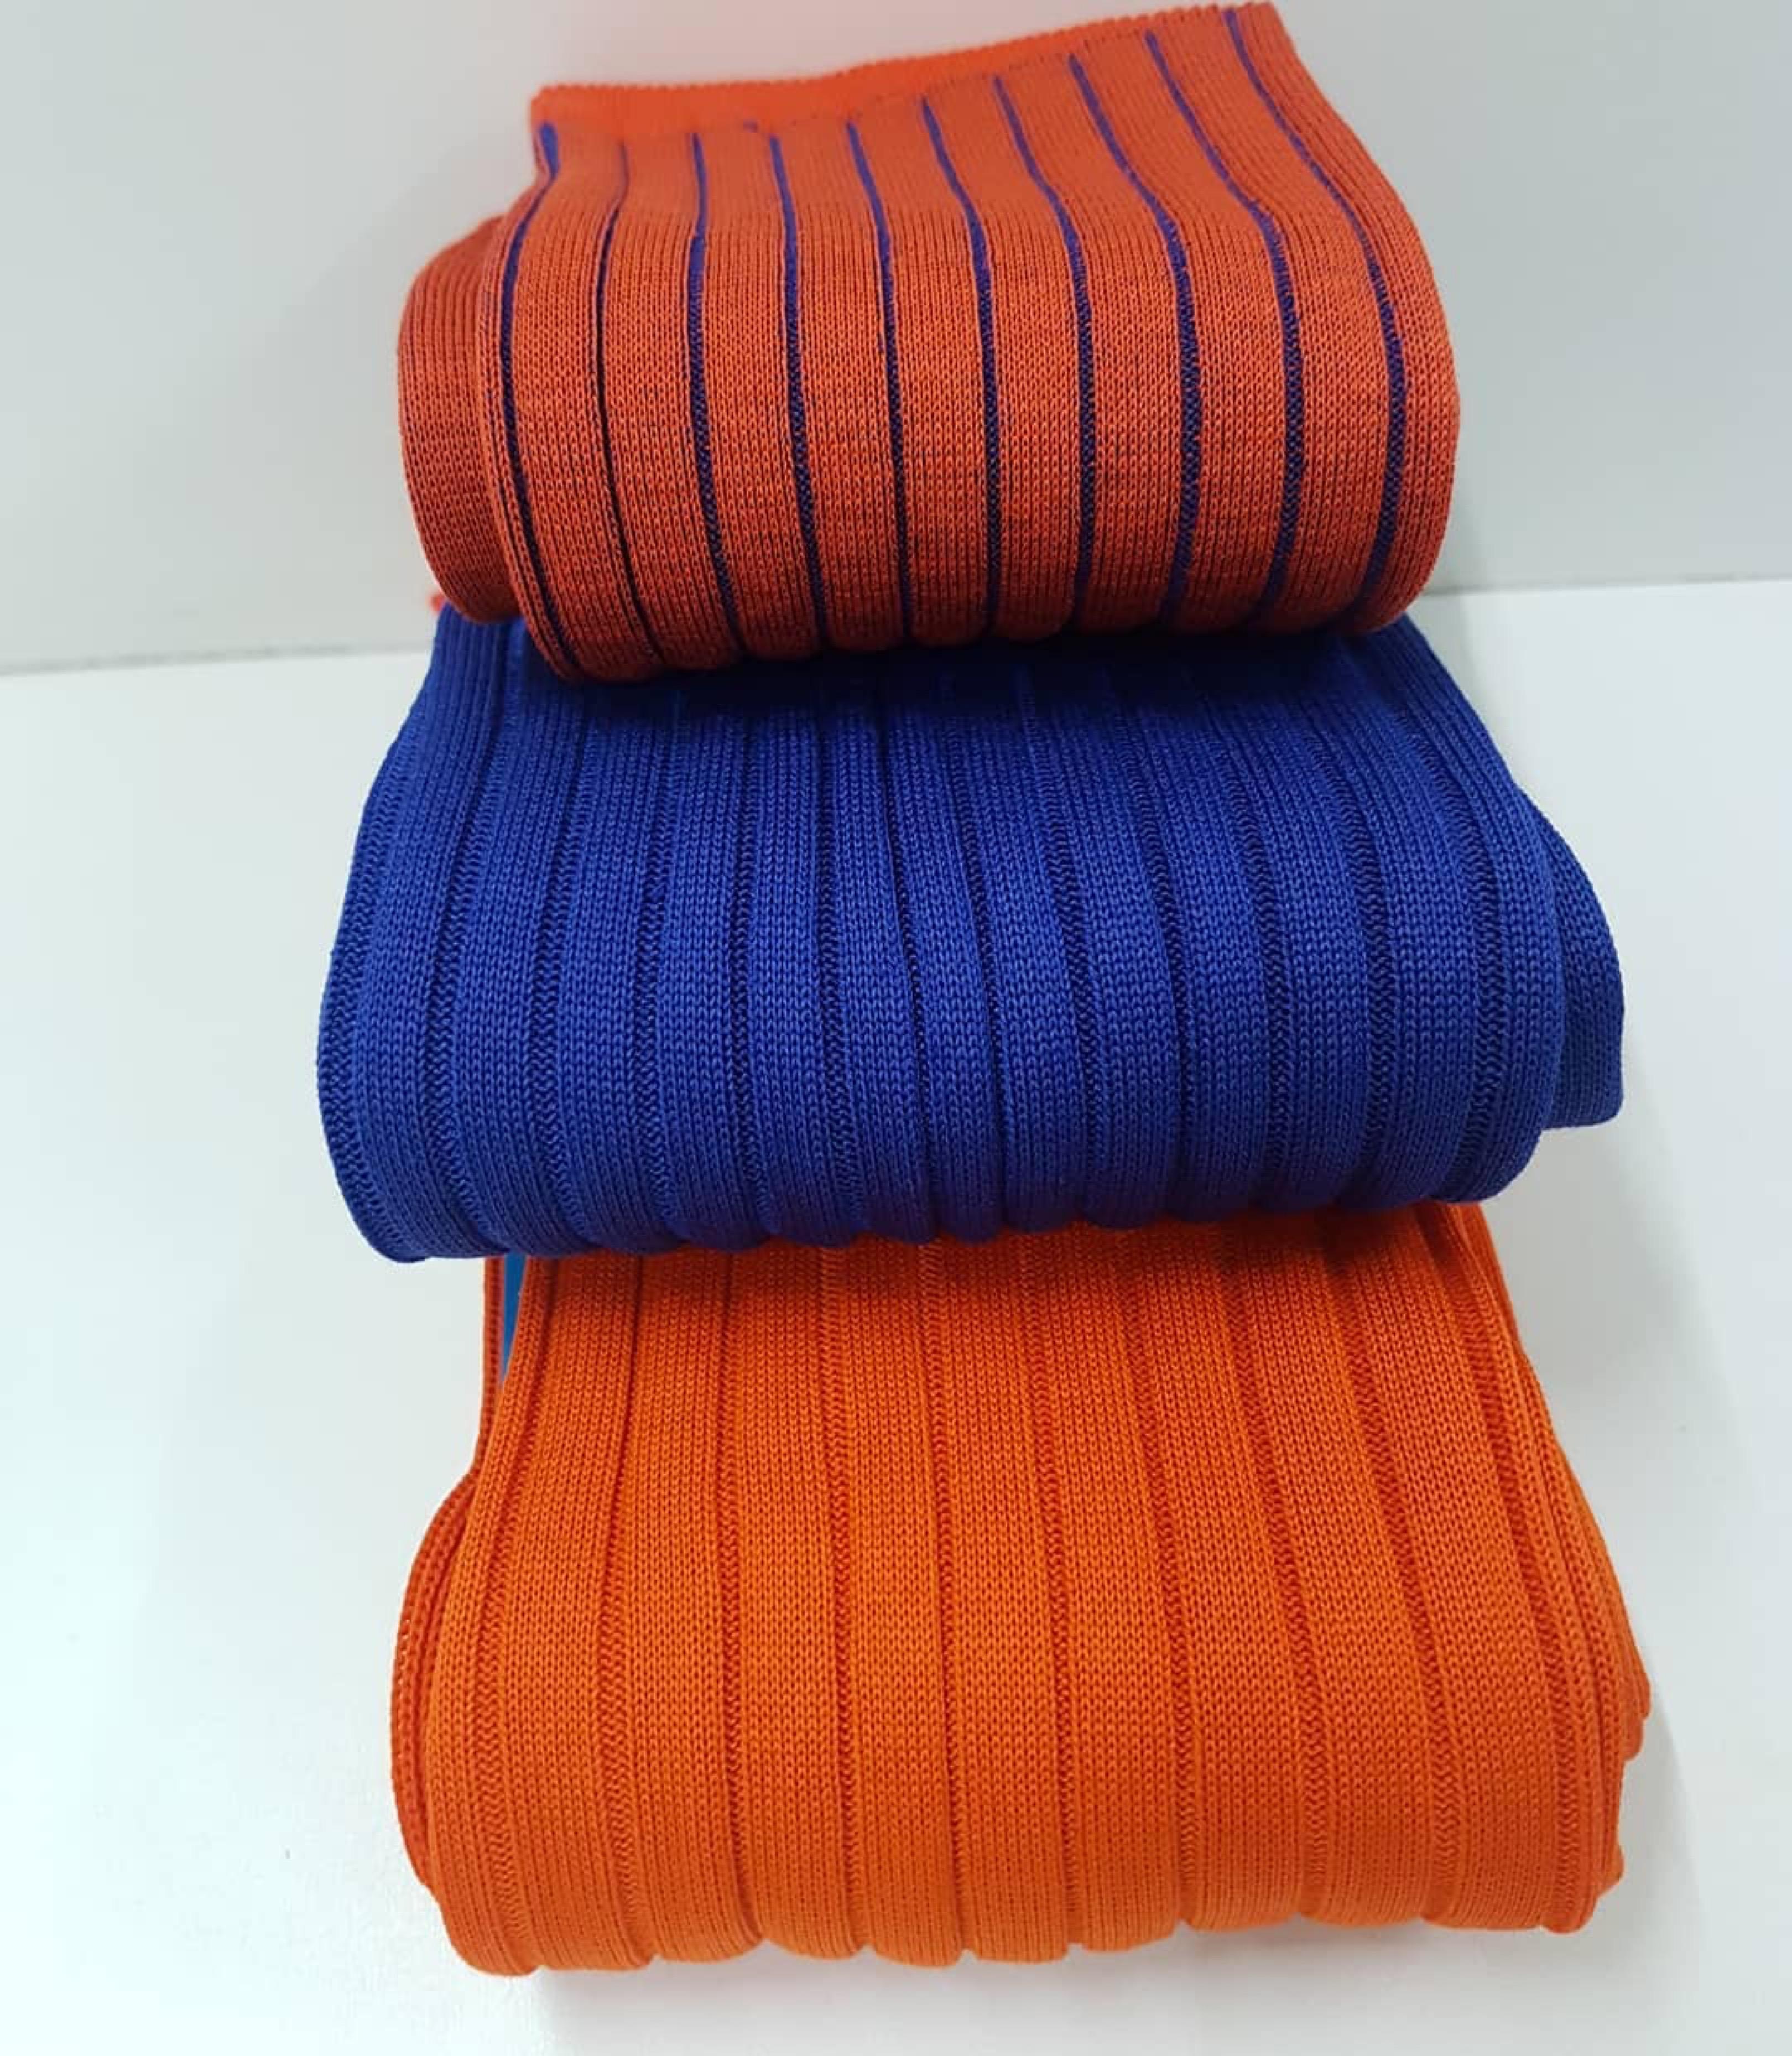 Męskie skarpety - niebieskie i pomarańczowe.